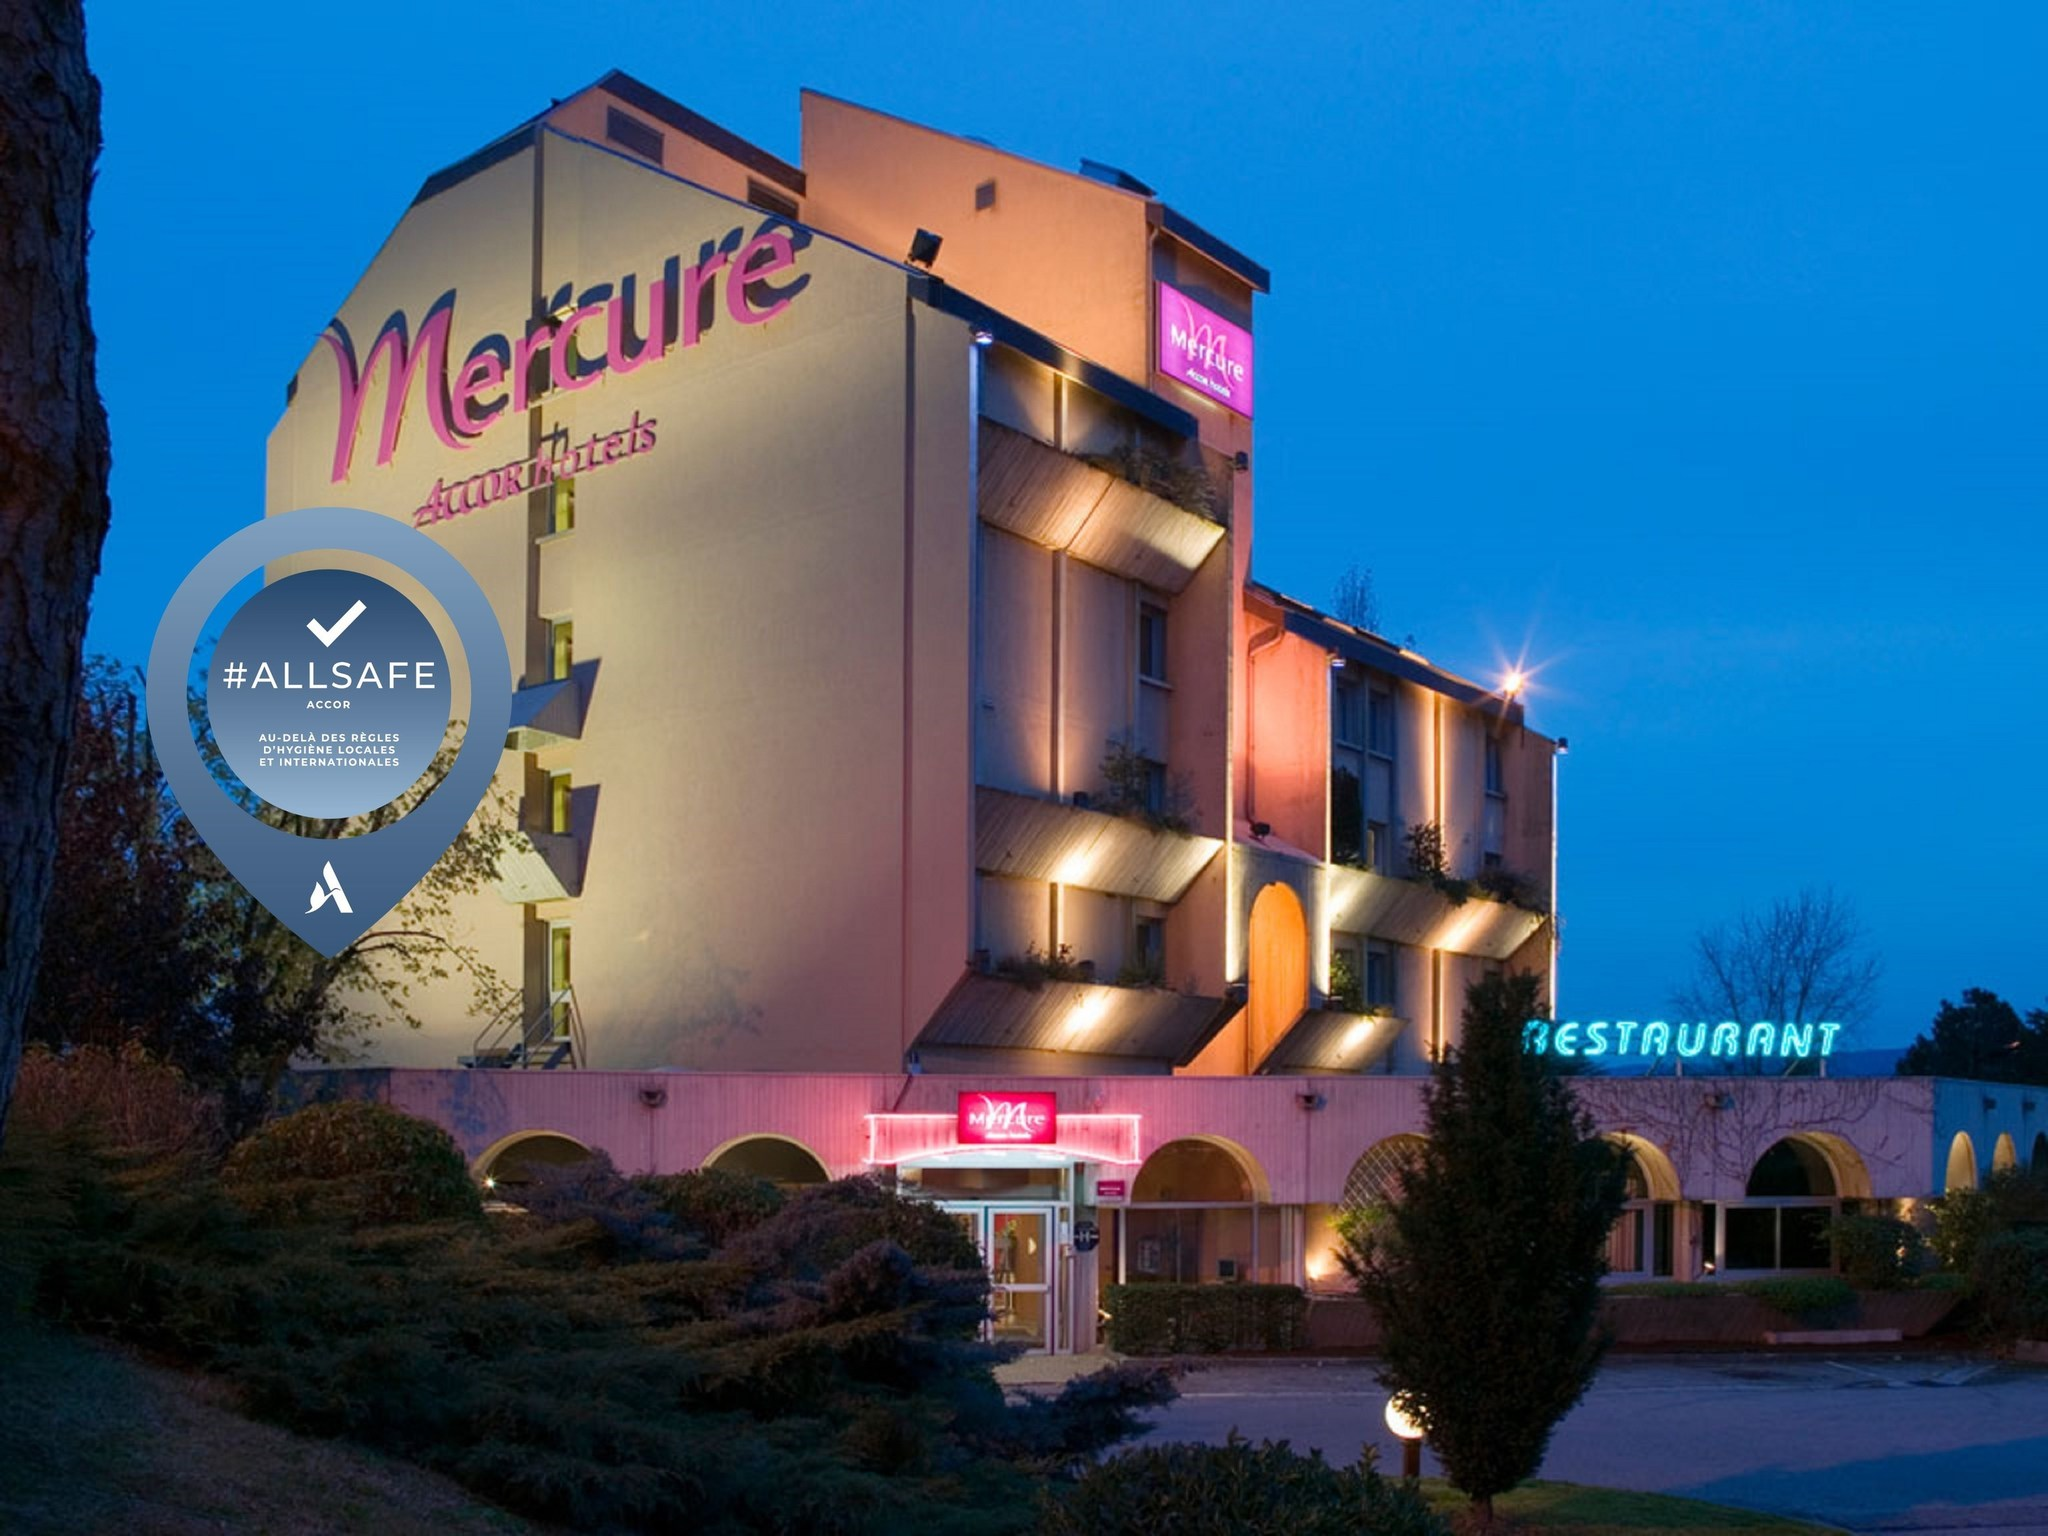 Hotel – Hotel Mercure Vienne Sur Chanas